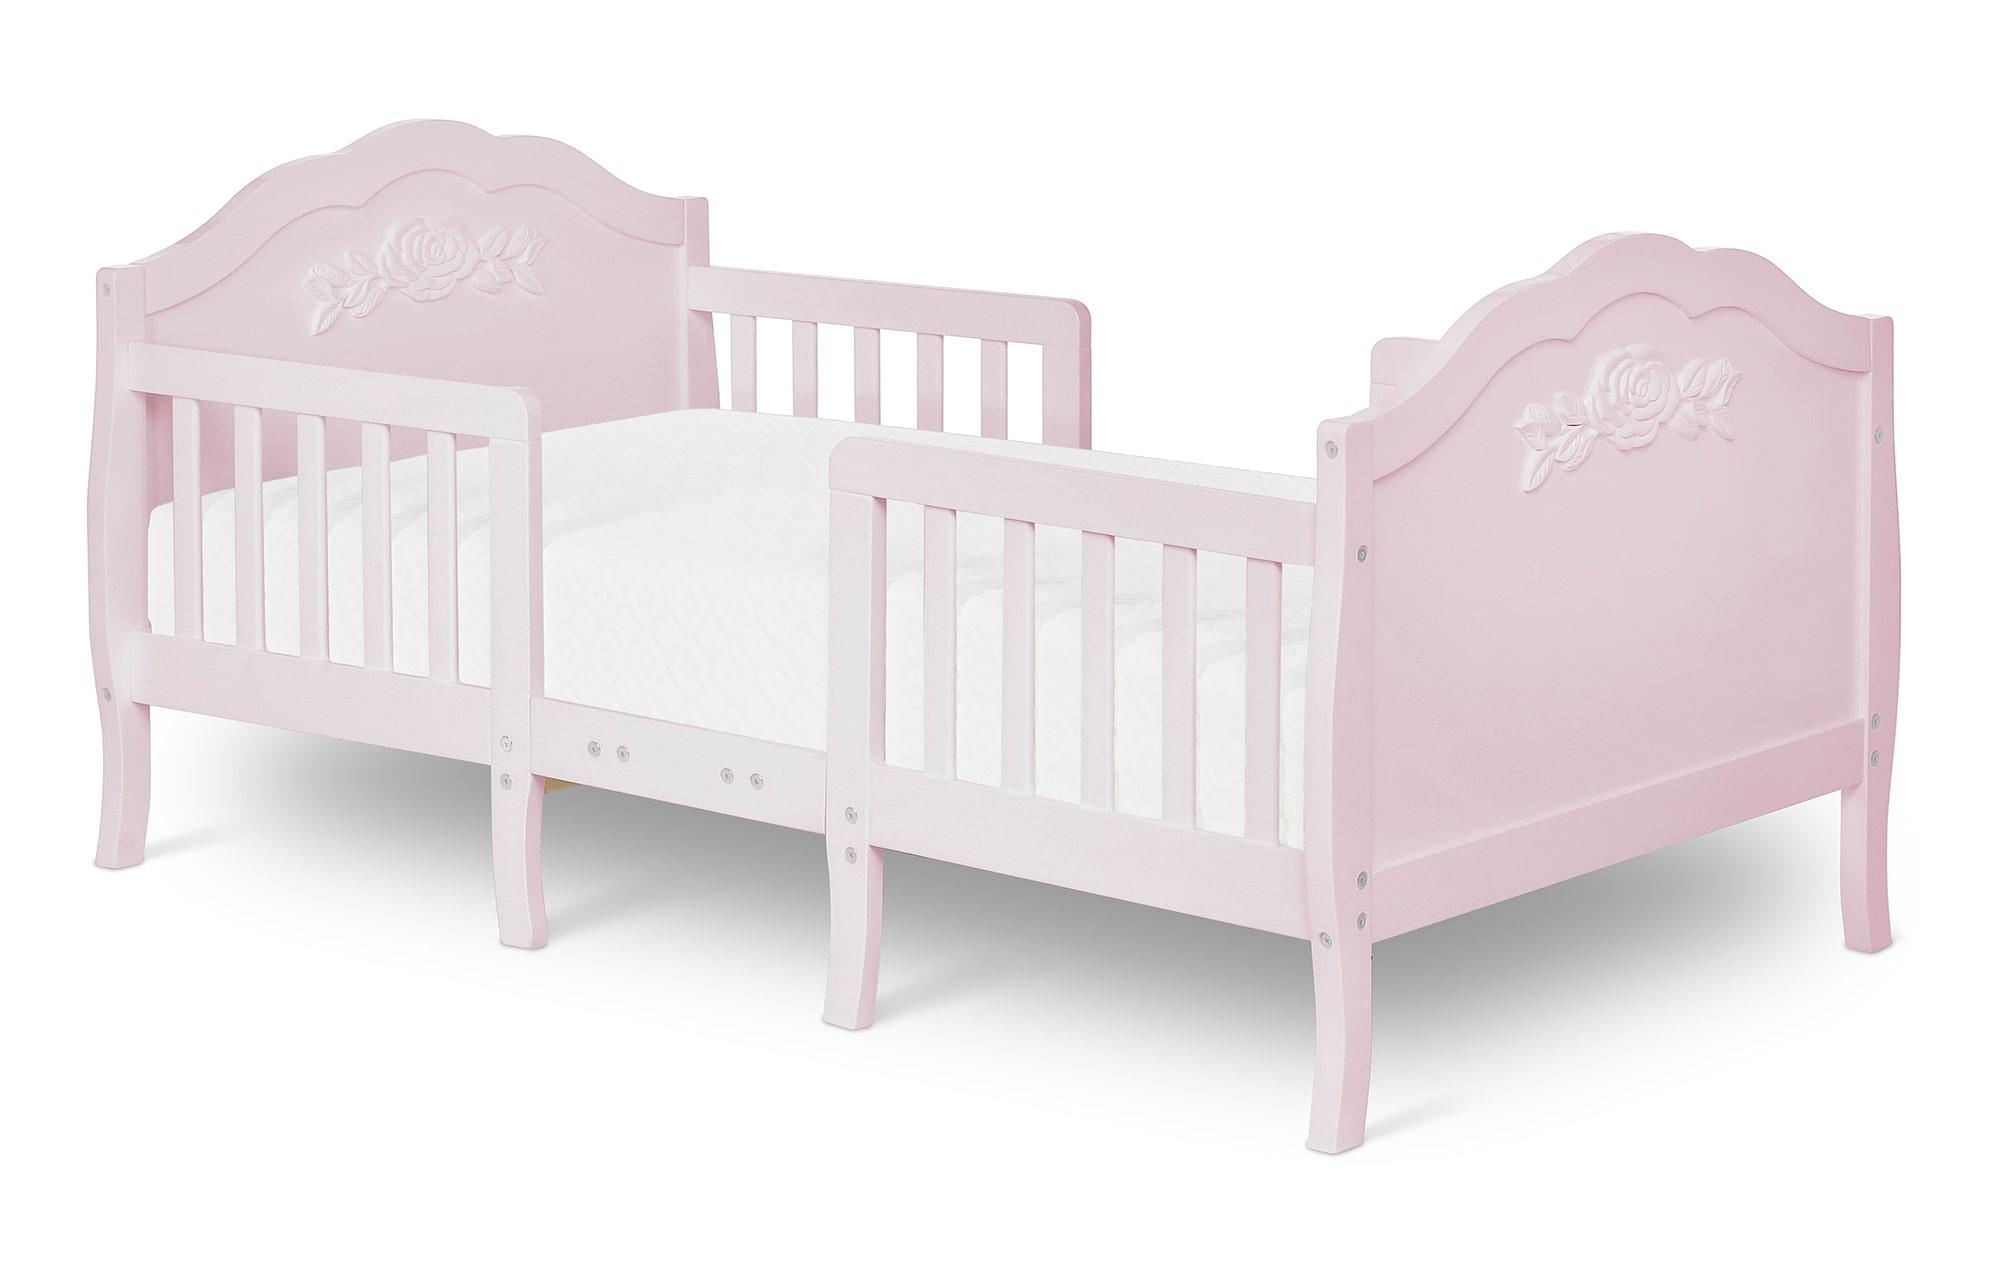 640_BLUSH Rose Toddler Bed